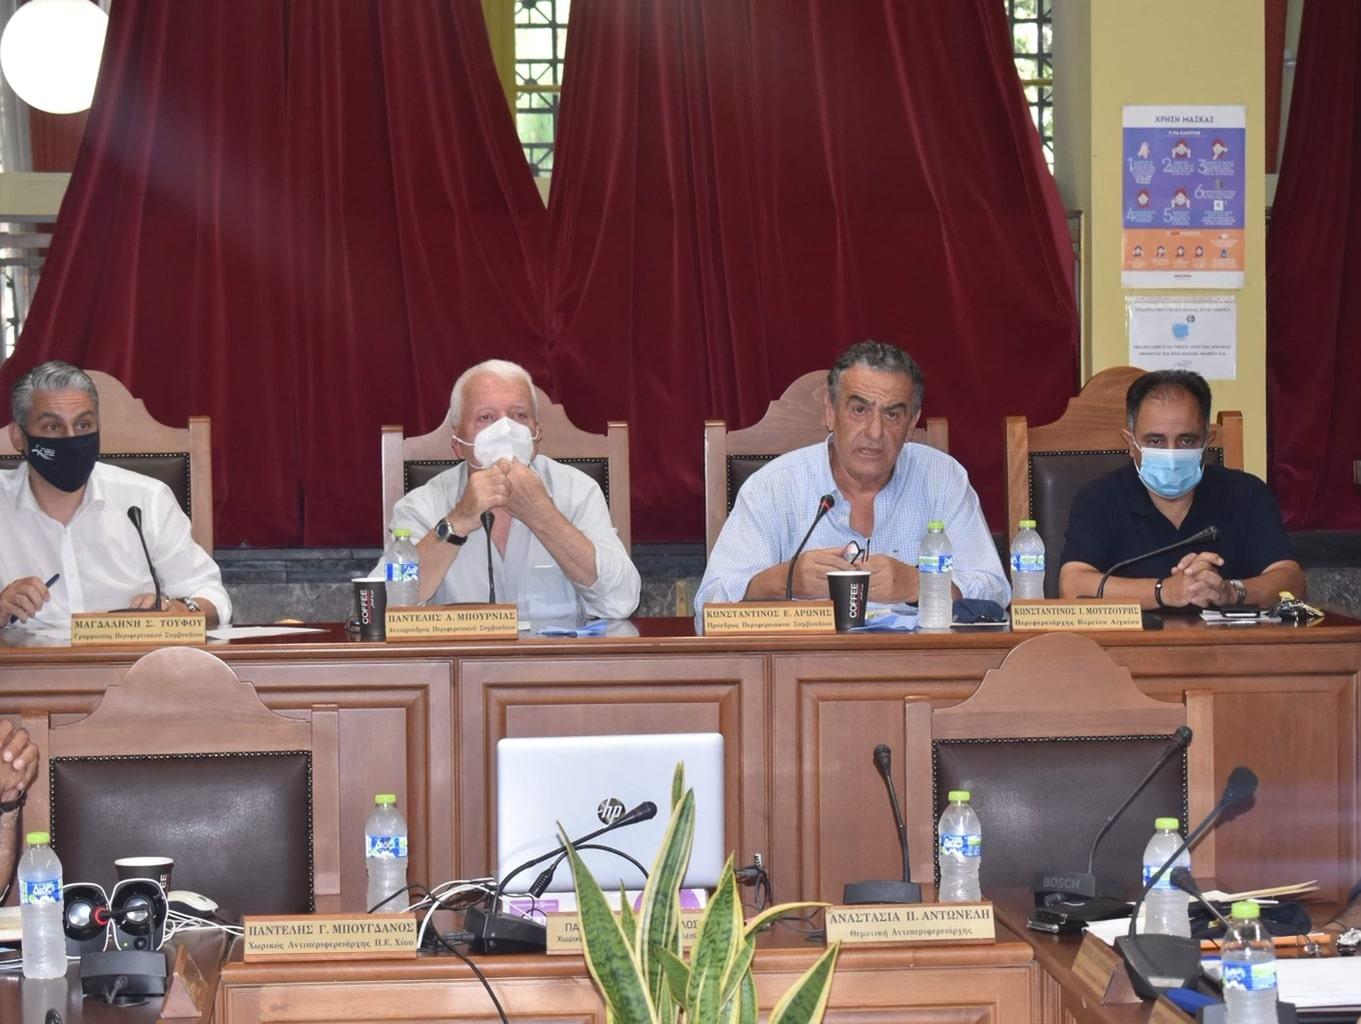 Σύσκεψη των αρμοδίων υπηρεσιών και φορέων στη Μυτιλήνη, με θέμα την εξέταση της ετοιμότητας των υπηρεσιών σε περίπτωση εκδήλωσης πυρκαγιάς